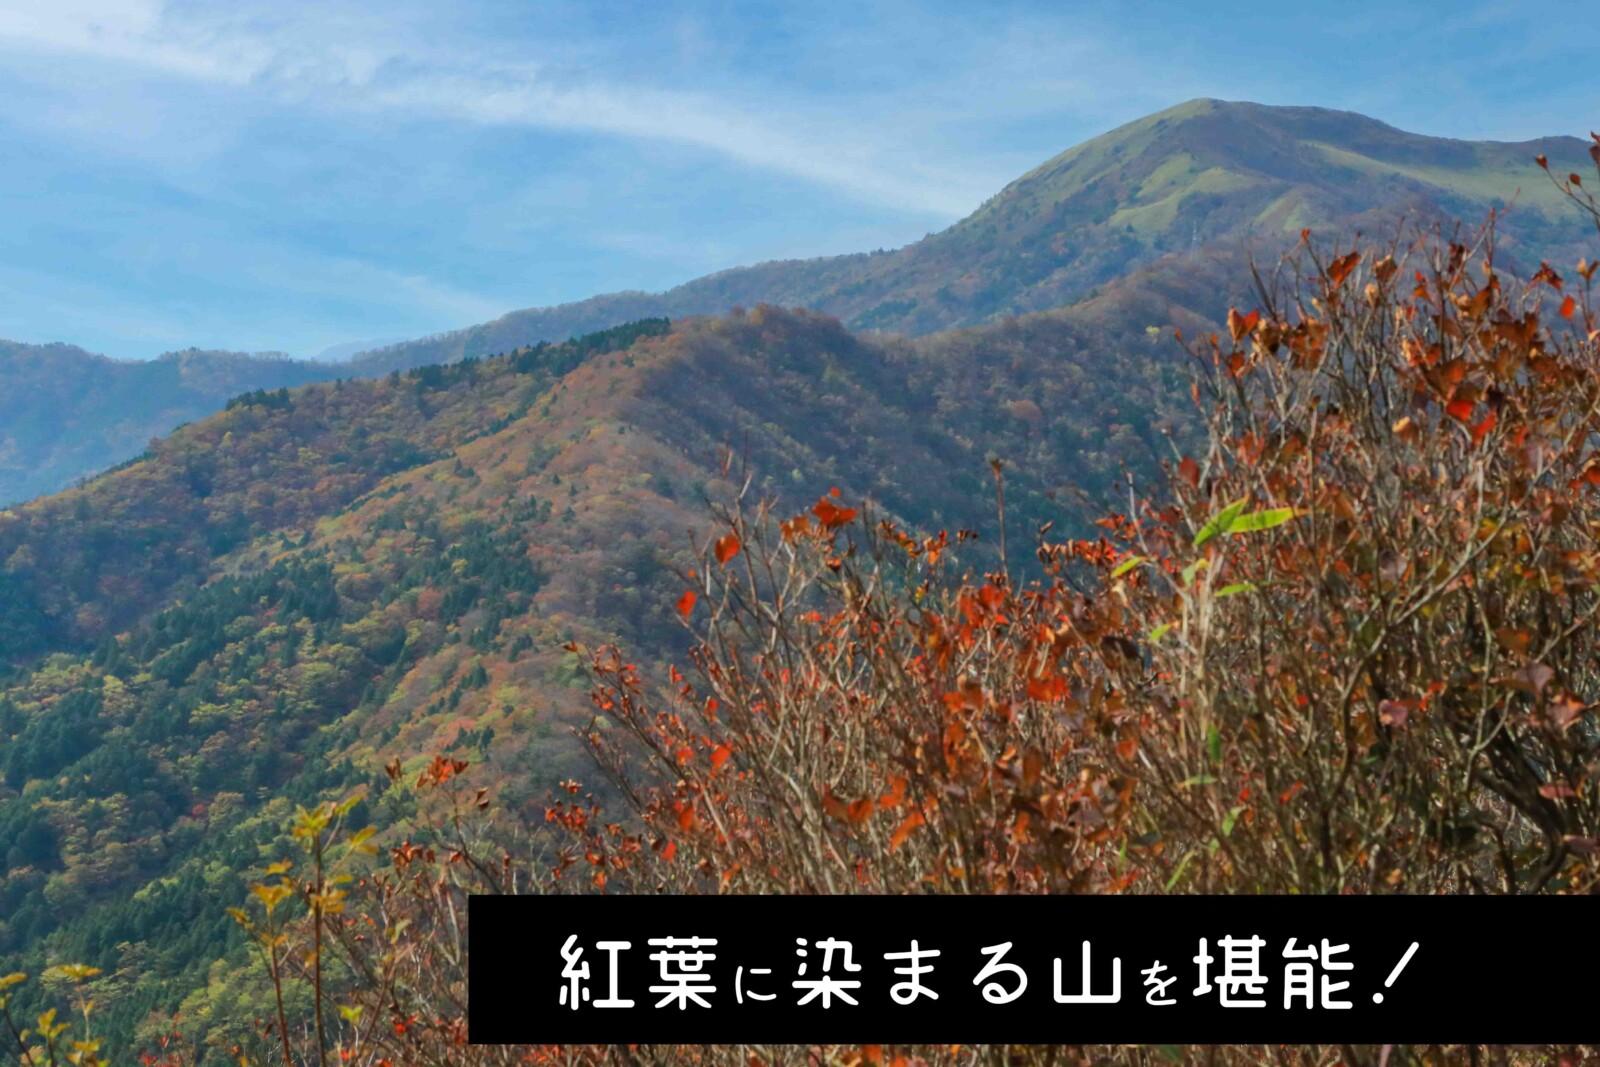 【紅葉に染まる山に会いに行く】三ツ森山縦走登山【初~中級者向け】